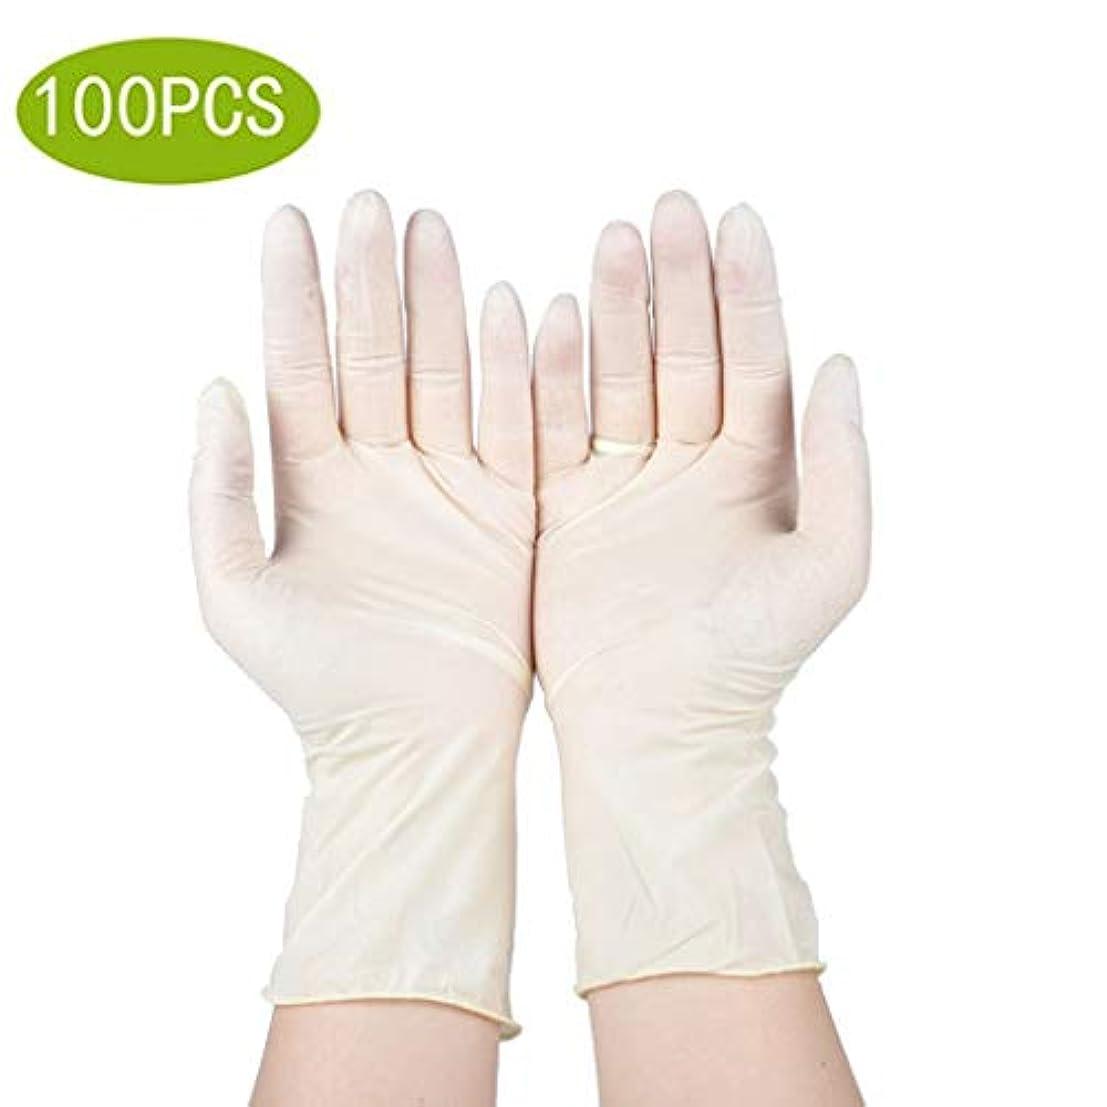 寝具アドバイス工場ニトリル試験用手袋 - 医療用グレード、パウダーフリー、ラテックスラバーフリー、使い捨て、ラテックスグローブ食品安全ラテックスグローブ (Color : Latex Gloves, Size : L)